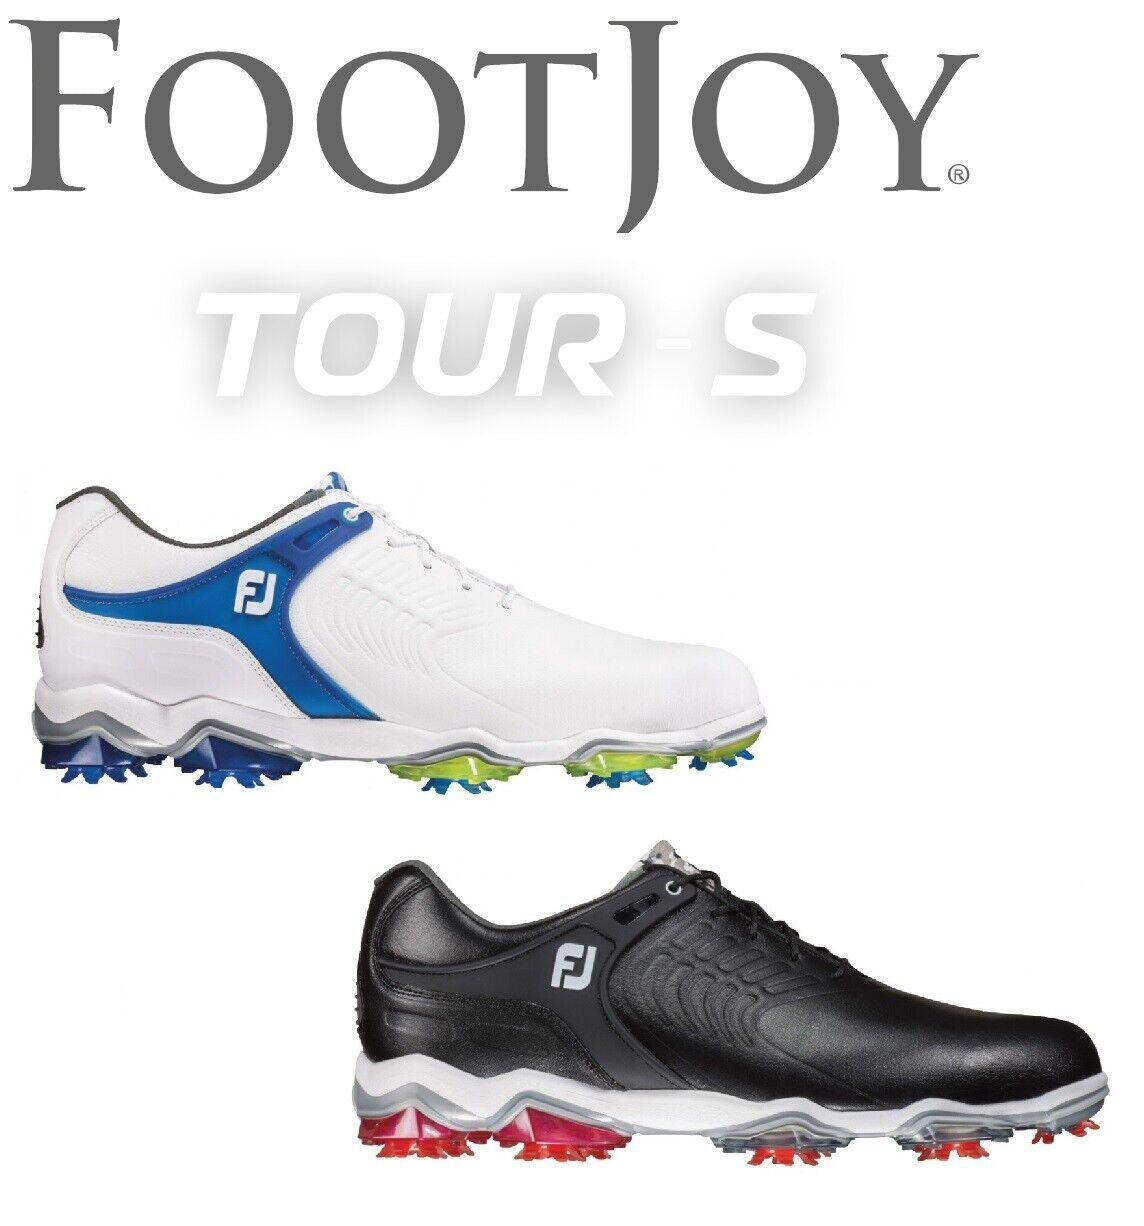 NEW FootJoy TOURS Mens Golf Shoes NIB Choose Color Size